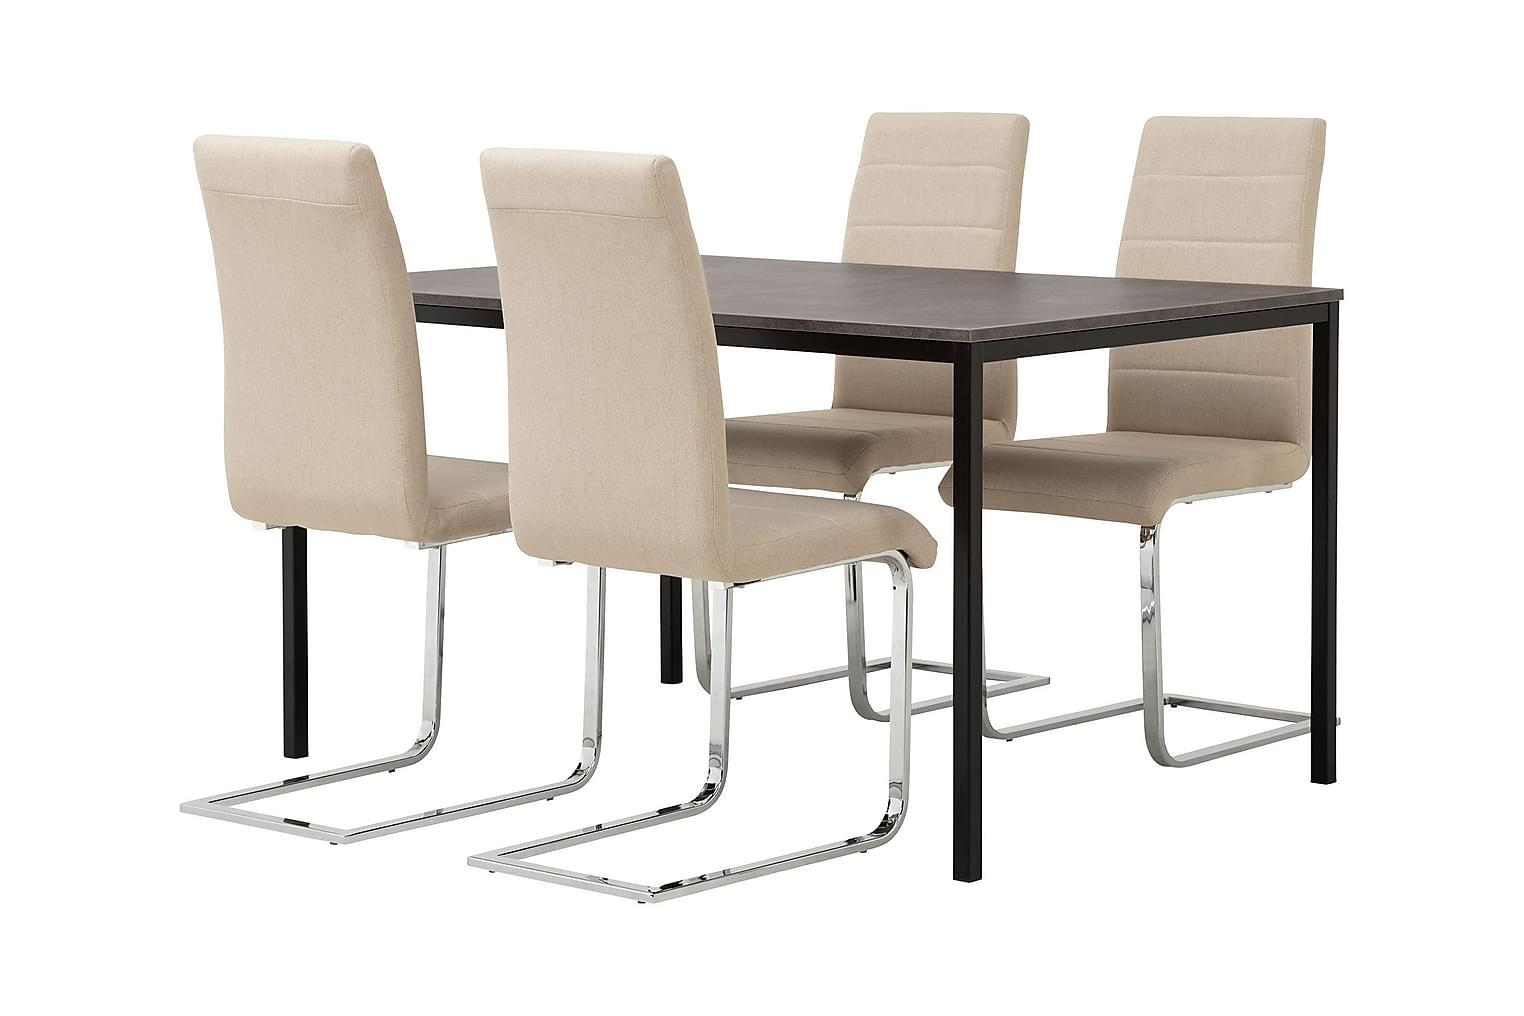 NOOMI Pöytä 138 Harmaa/Musta+ 4 EMÅN Tuolia Beige